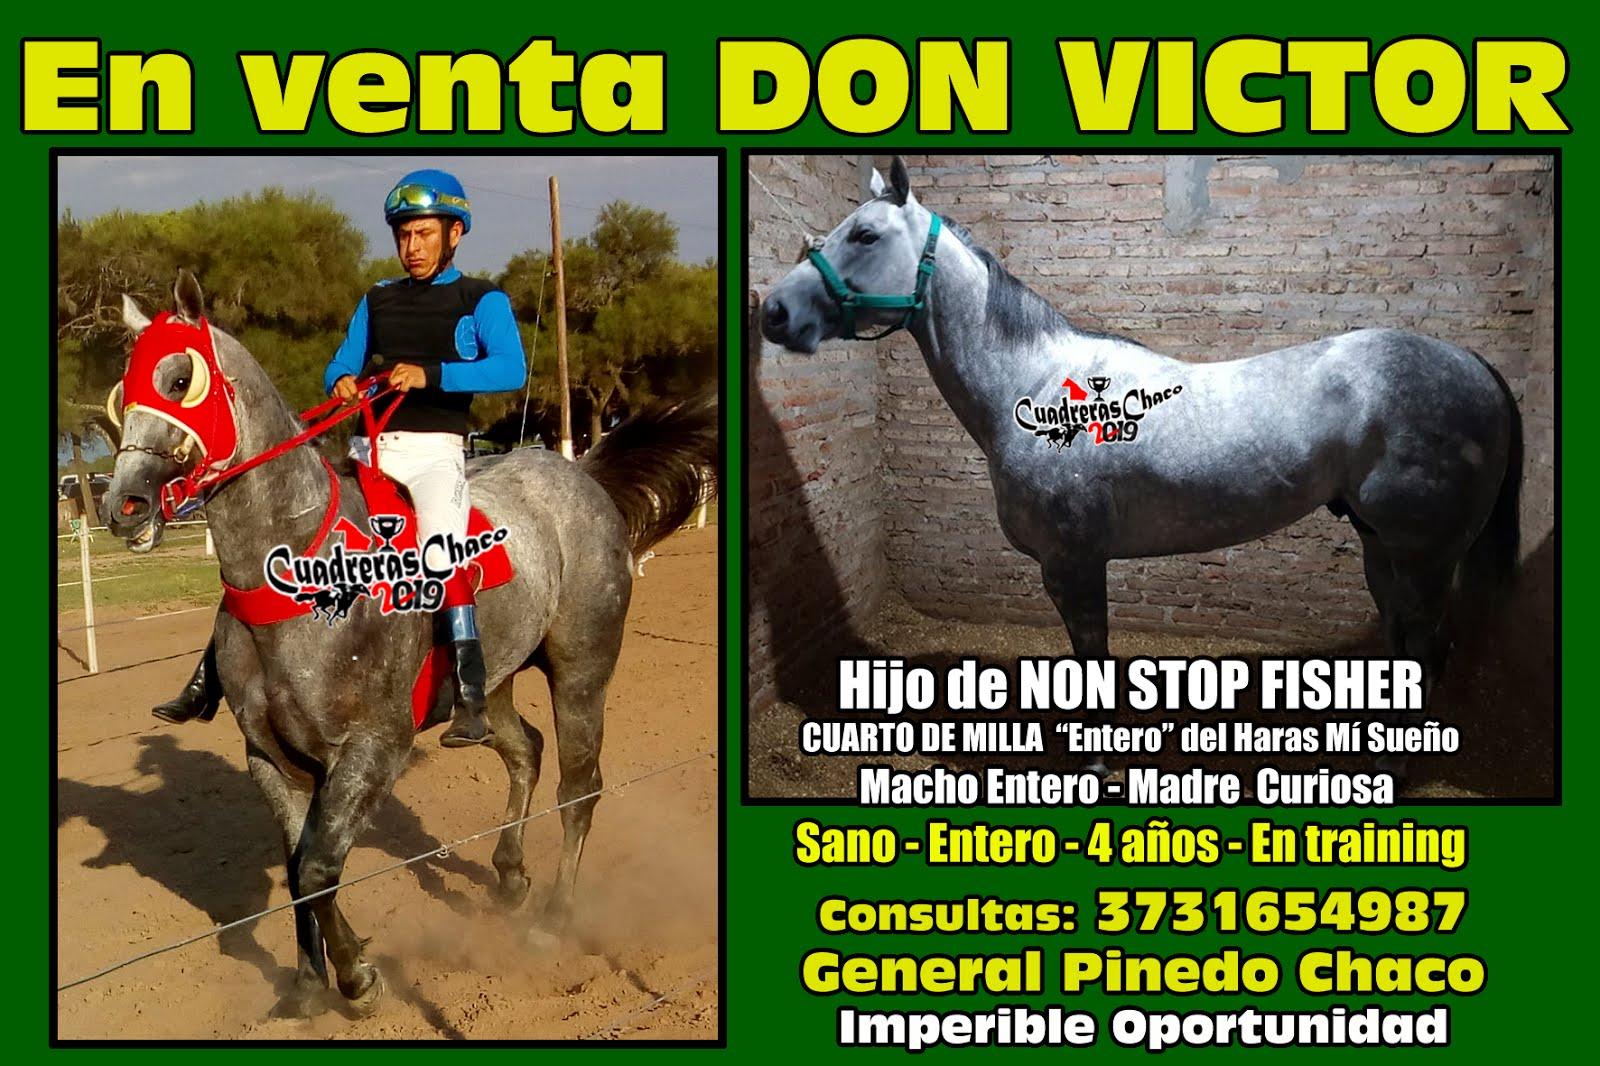 don victor en venta 28-1-19